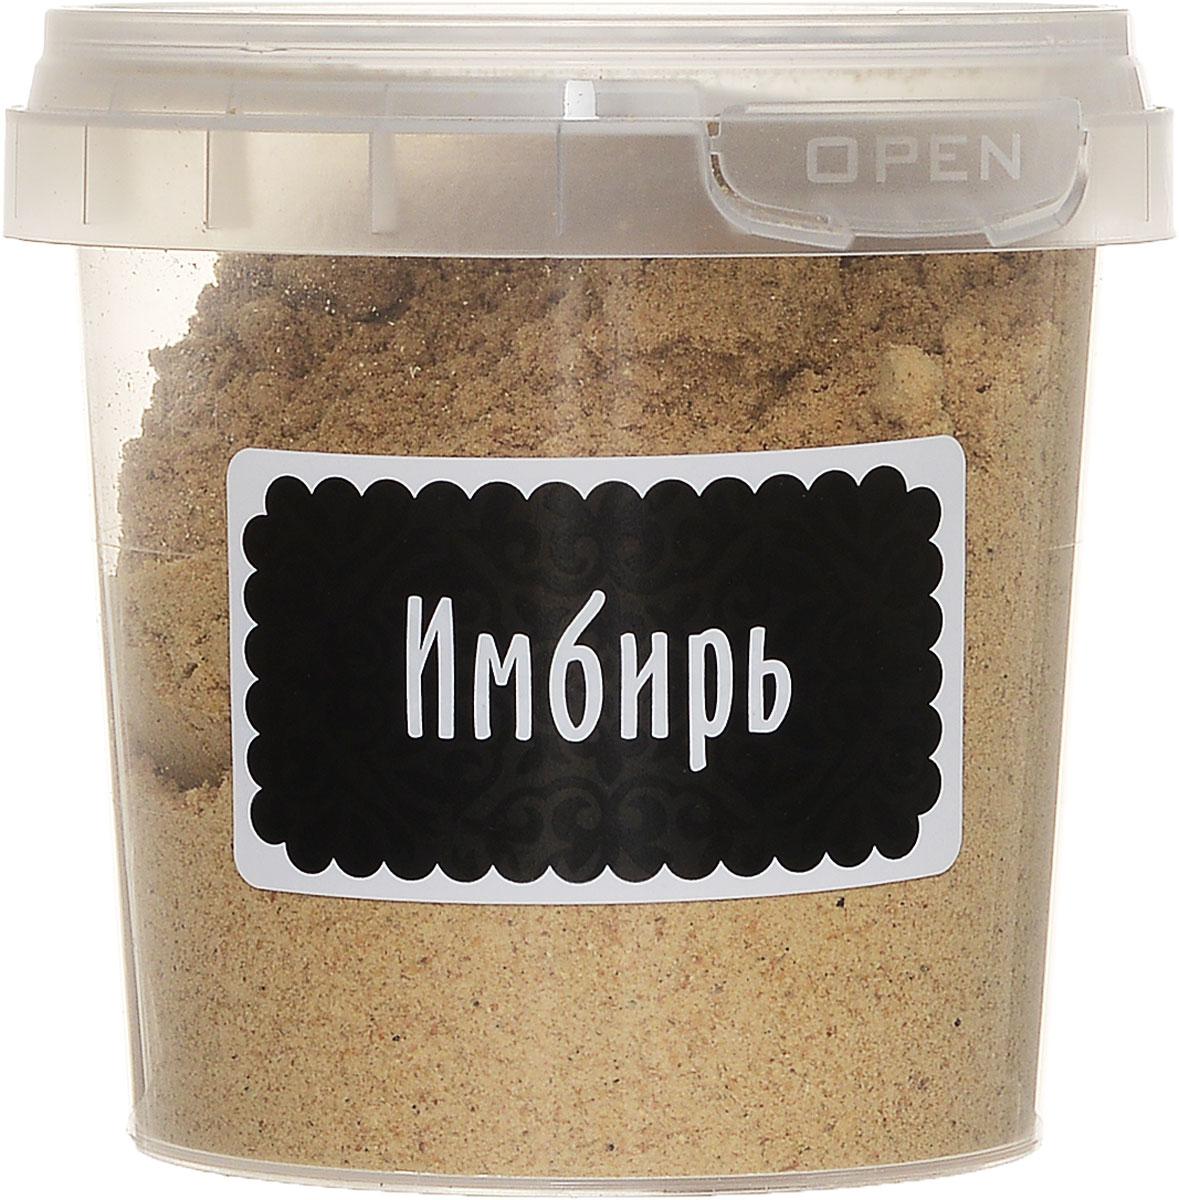 Компас Здоровья Имбирь сушеный порошок, 55 гУТ000002955Имбирь - универсальная специя, которую добавляют в самые разные блюда и напитки. Он имеет жгучий тёплый вкус, поэтому его добавляют для придания блюдам остроты. В основном имбирь популярен благодаря своим вкусовым качествам, но также он имеет целый ряд очень полезных свойств.